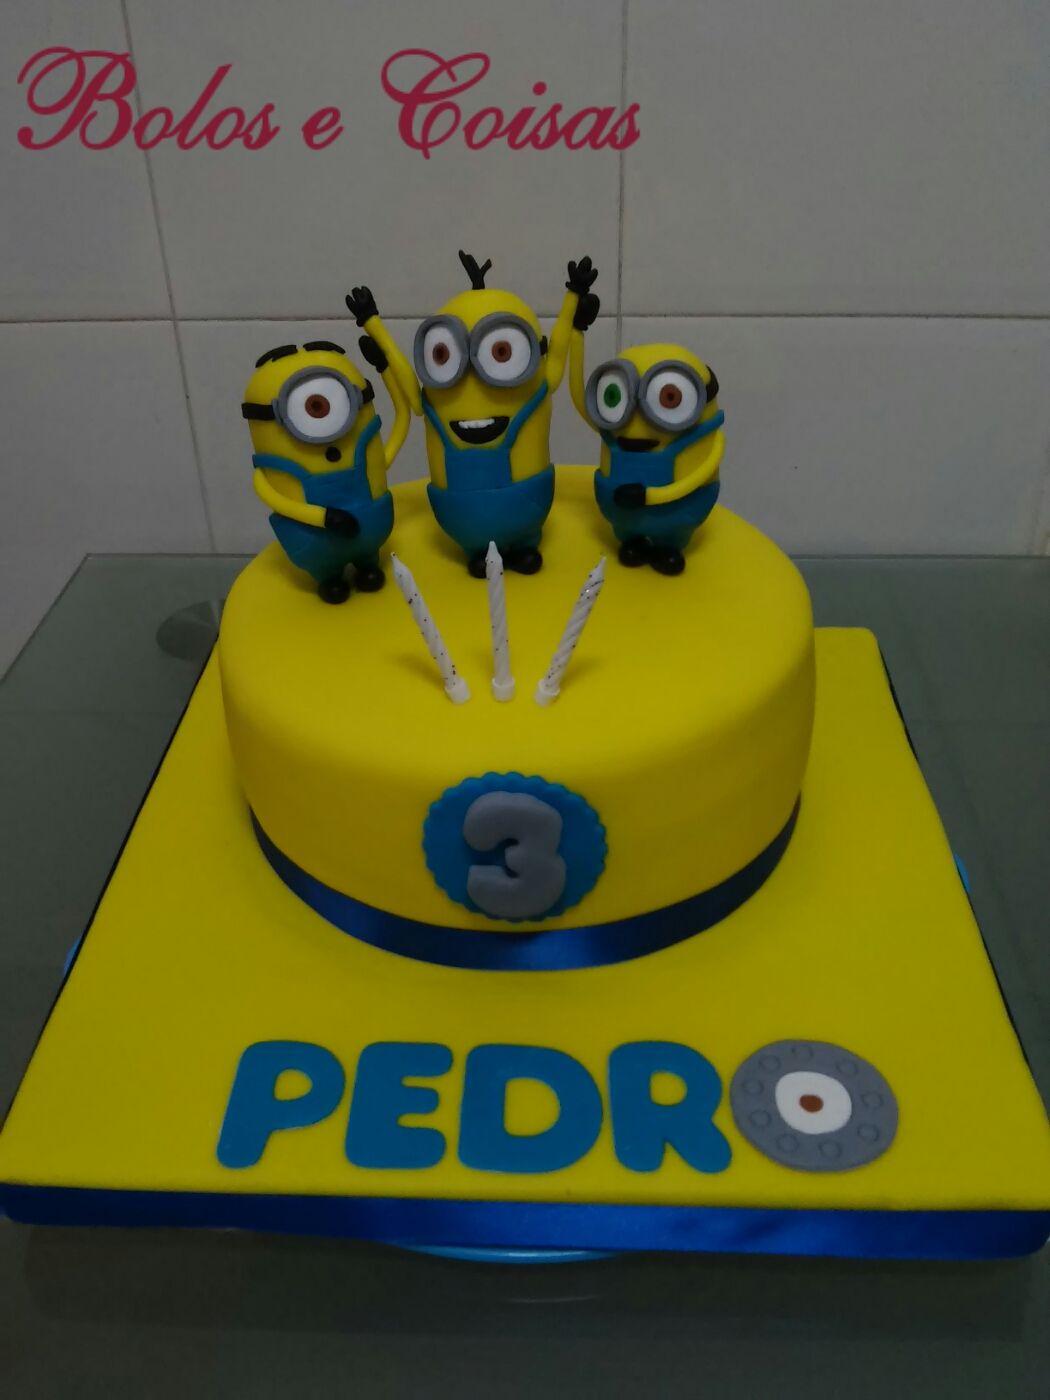 Bolos e coisas - Bolos decorados (Cake Design): Minions * Pedro